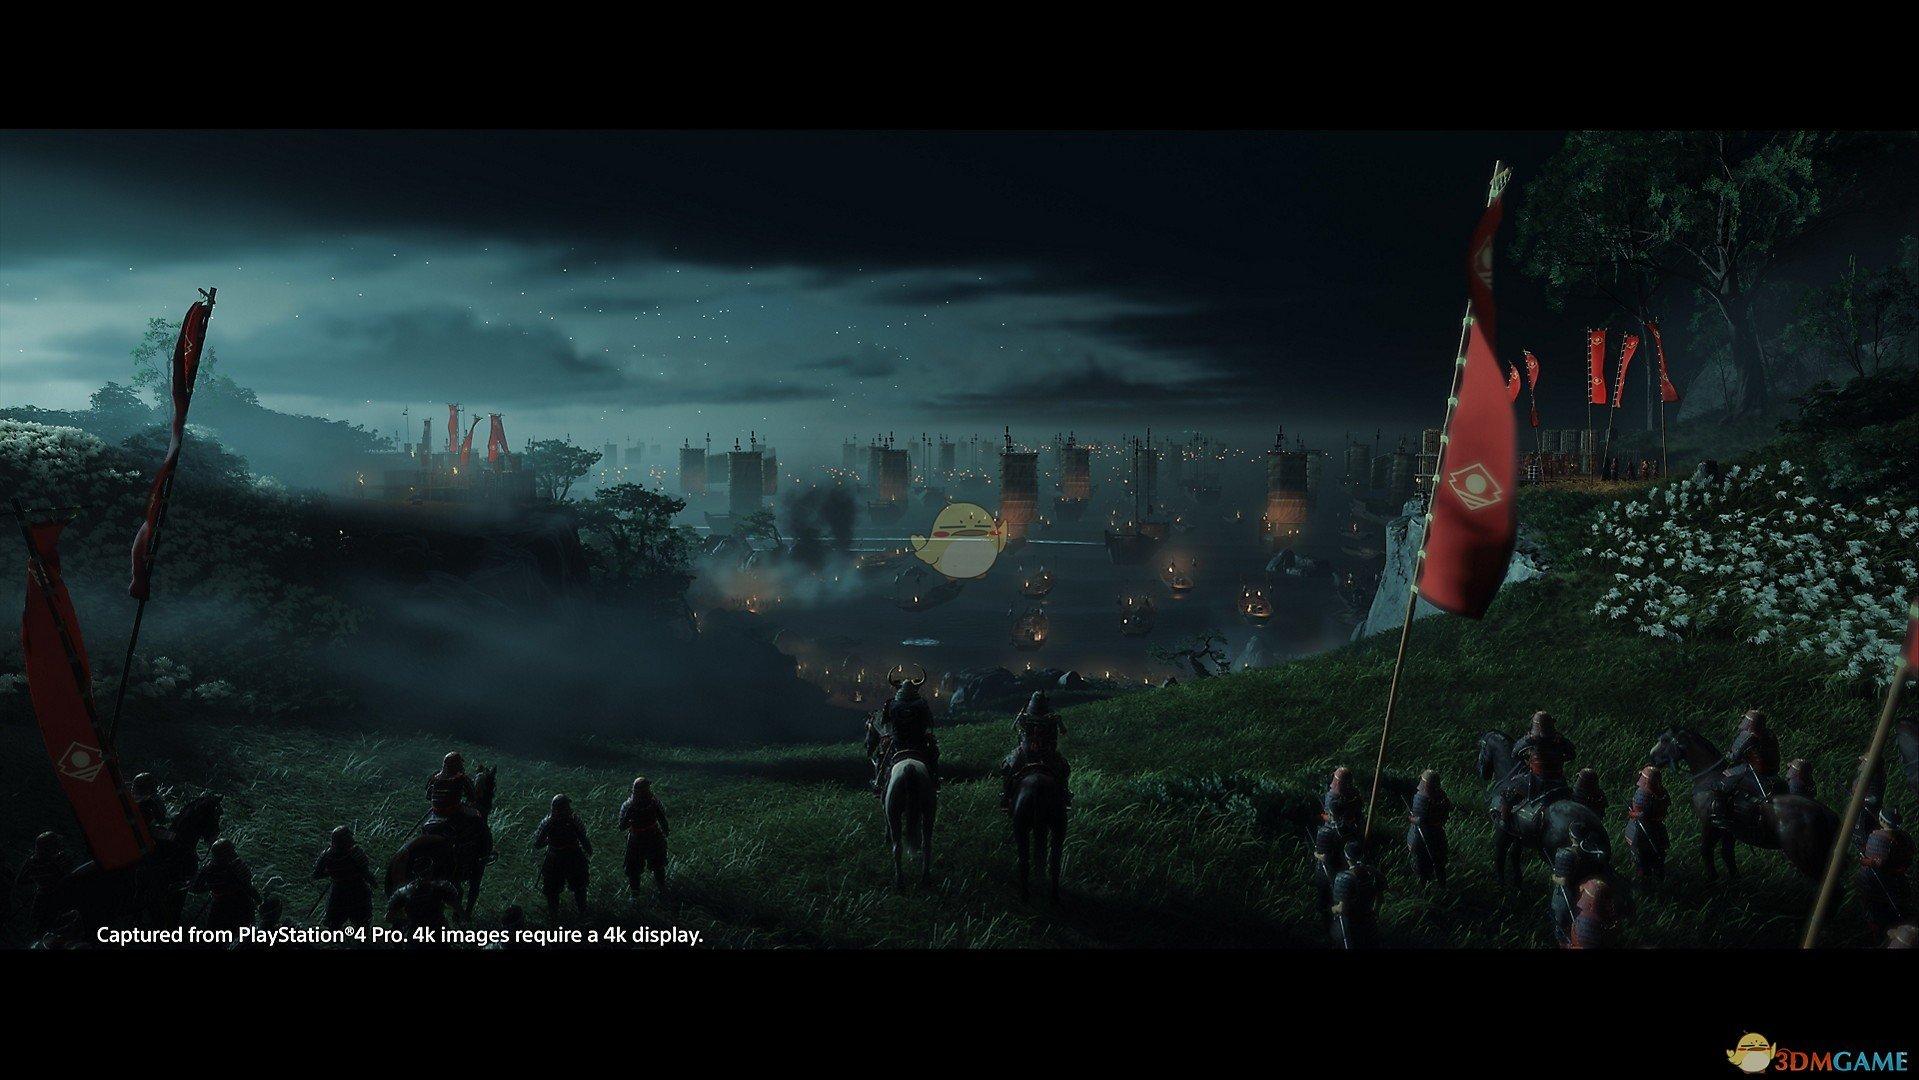 《对马岛之鬼》奇谭模式战鬼武器三条夫人的奇袭属性效果一览